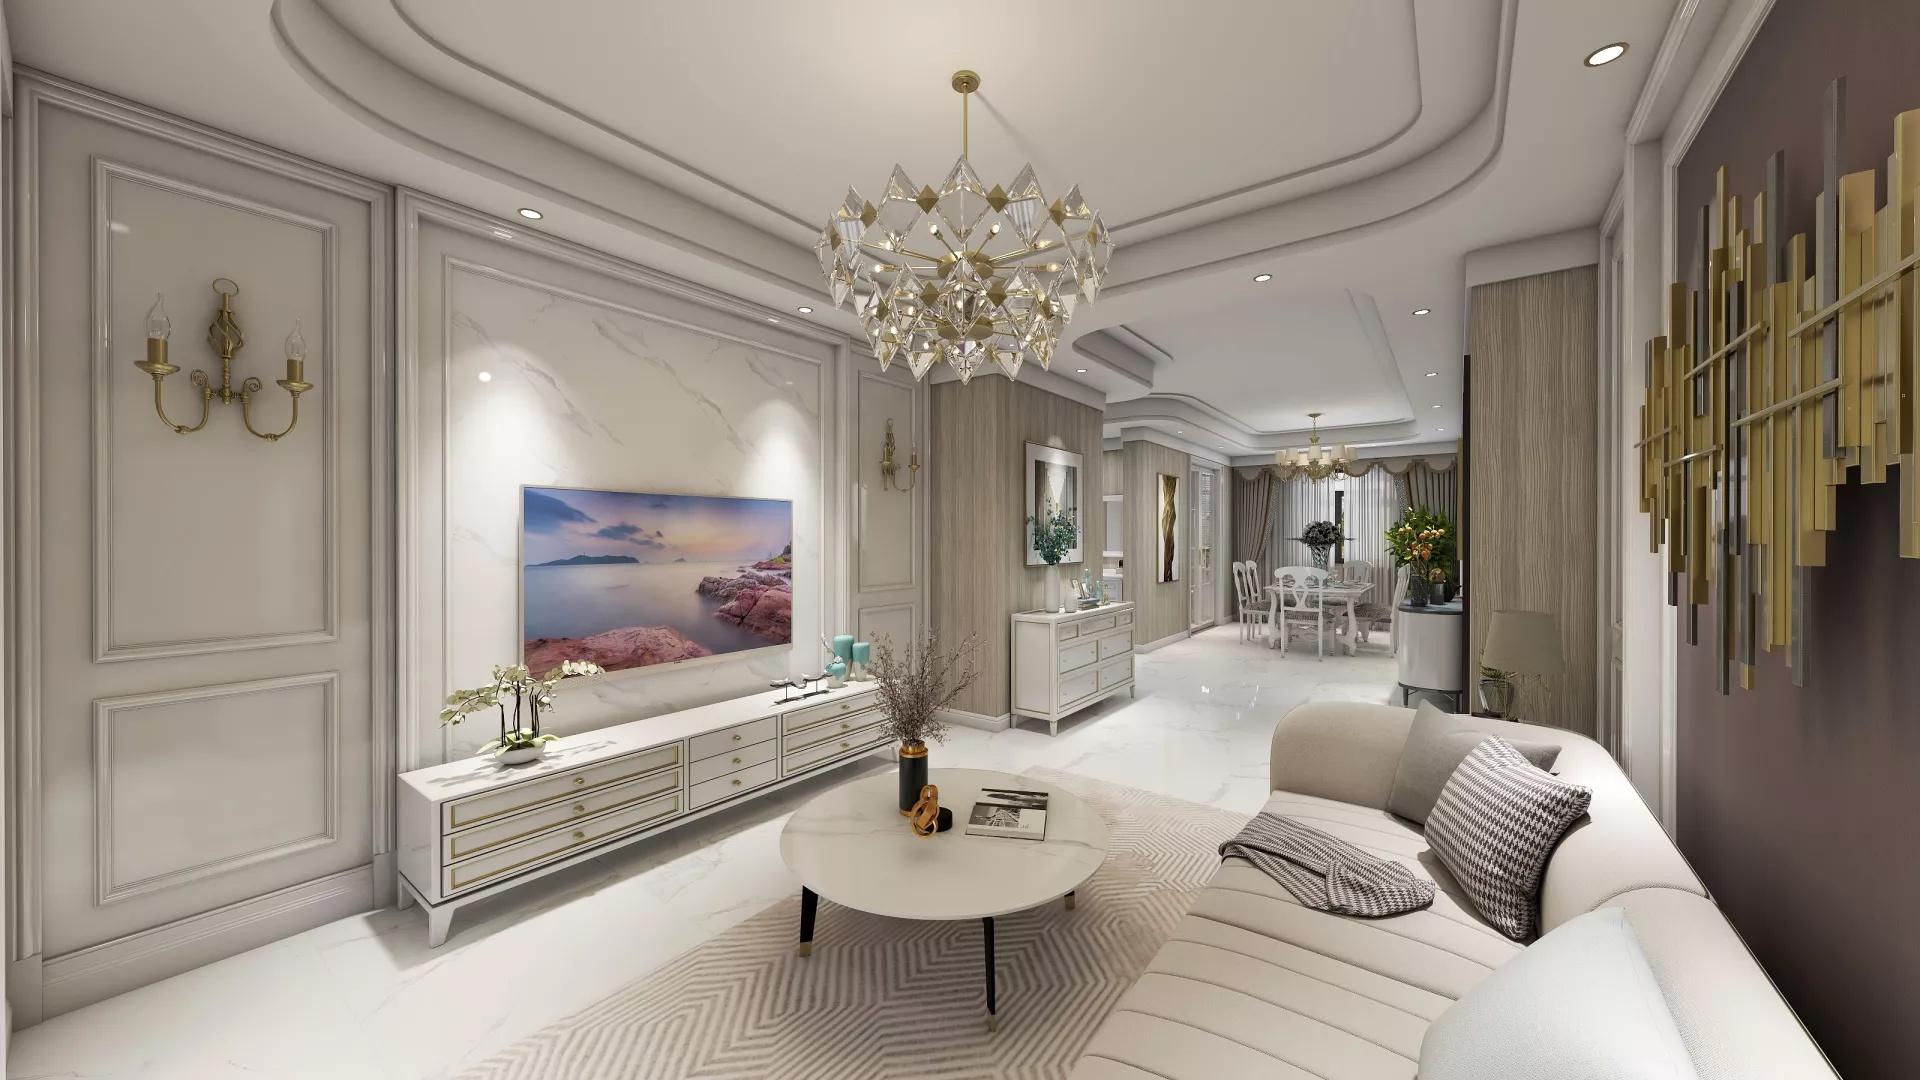 现代温馨舒适风格三居室装修效果图